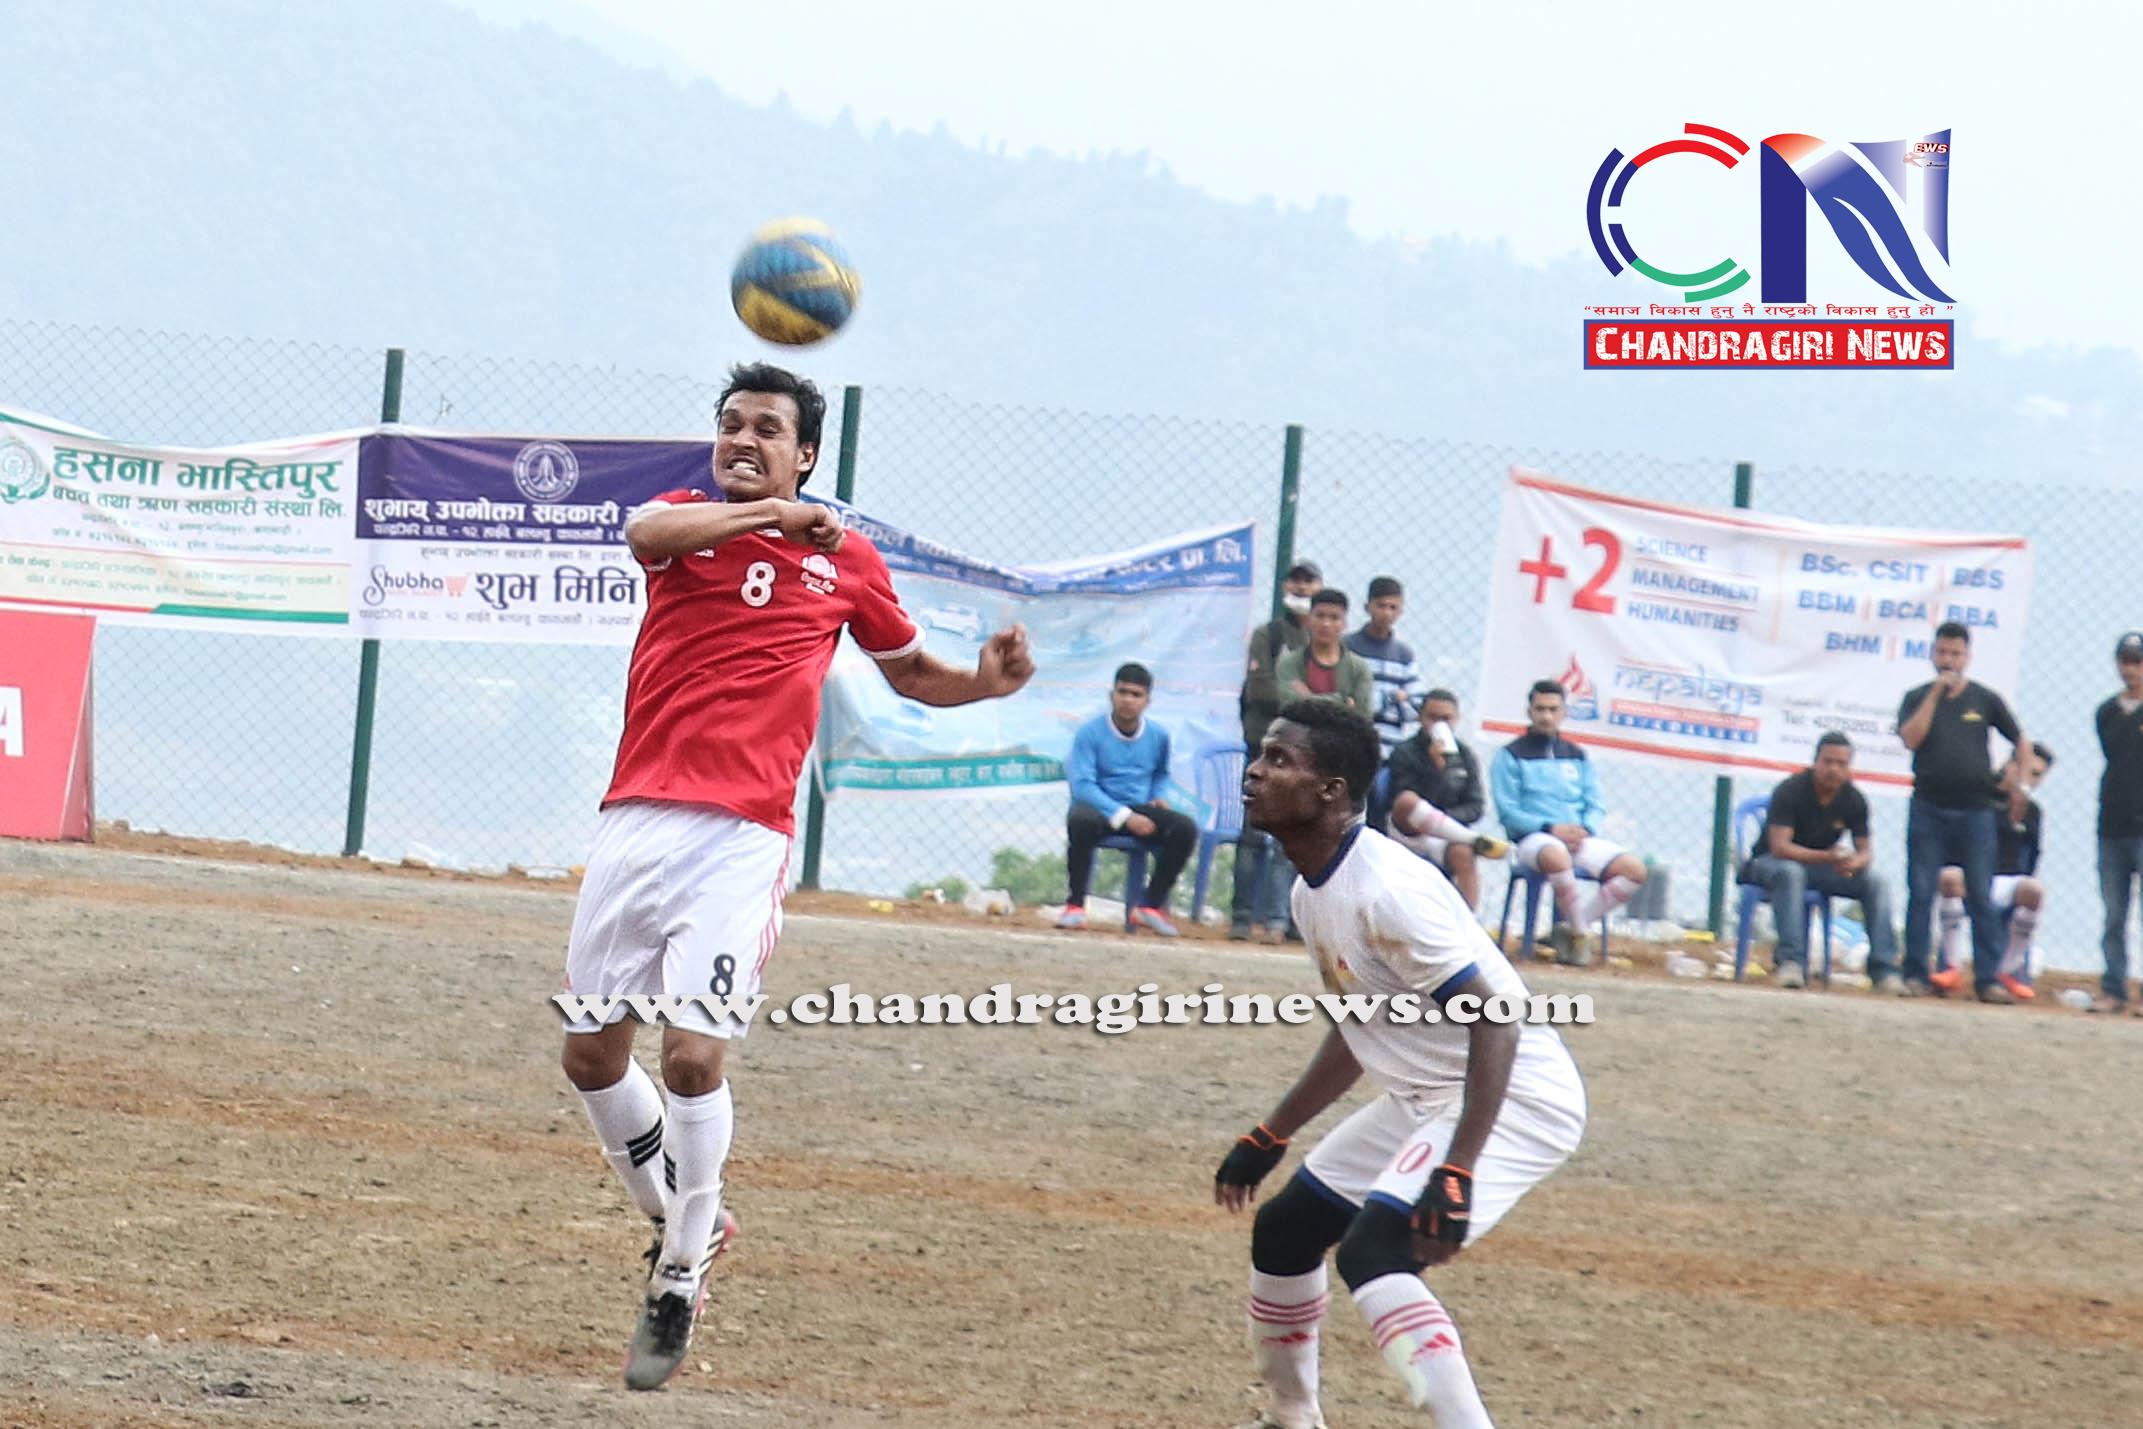 Chandragirinews western-united-3rd-game-13-1 चाैठाै नेपाललय वईस्टन युनाईटेड क्लवकप फुटबल प्रतियाेगितामा ब्लु बेल फुटबल क्लब र वराकल रे स्पोर्ट्स एकेडेमीको विजयी सुरुवात खेलकुद नगरपालिका ब्रेकिंग न्युज मातातिर्थ मुख्य राष्ट्रिय    chandragiri